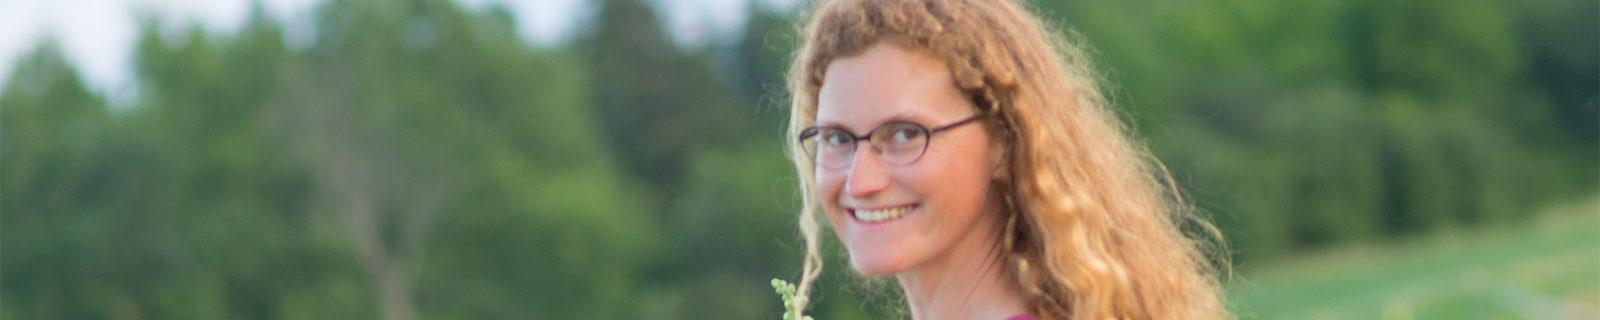 Melissa Fischbach of Wild Hollow Farm